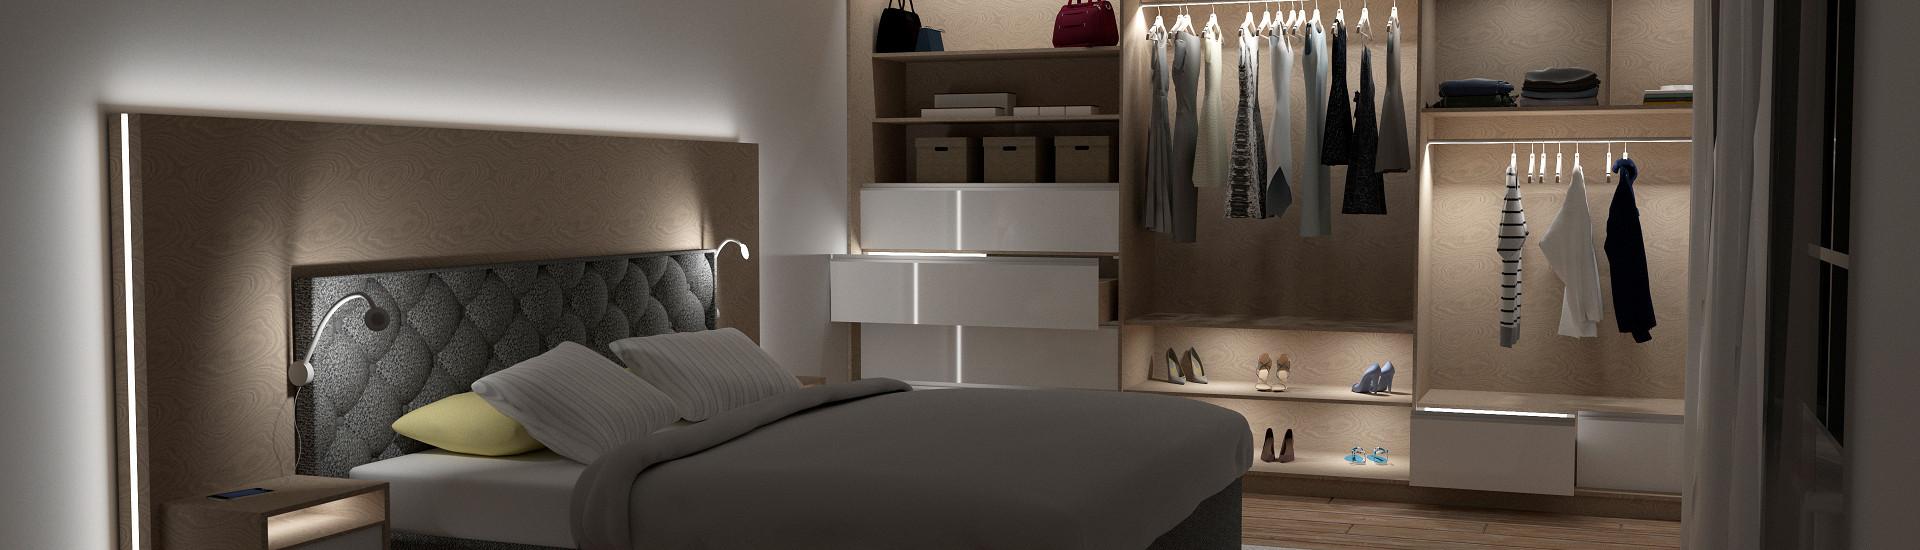 Oświetlenie w sypialni i garderobie FUTURA PIR, RELING LED, POLARUS P (2).jpg